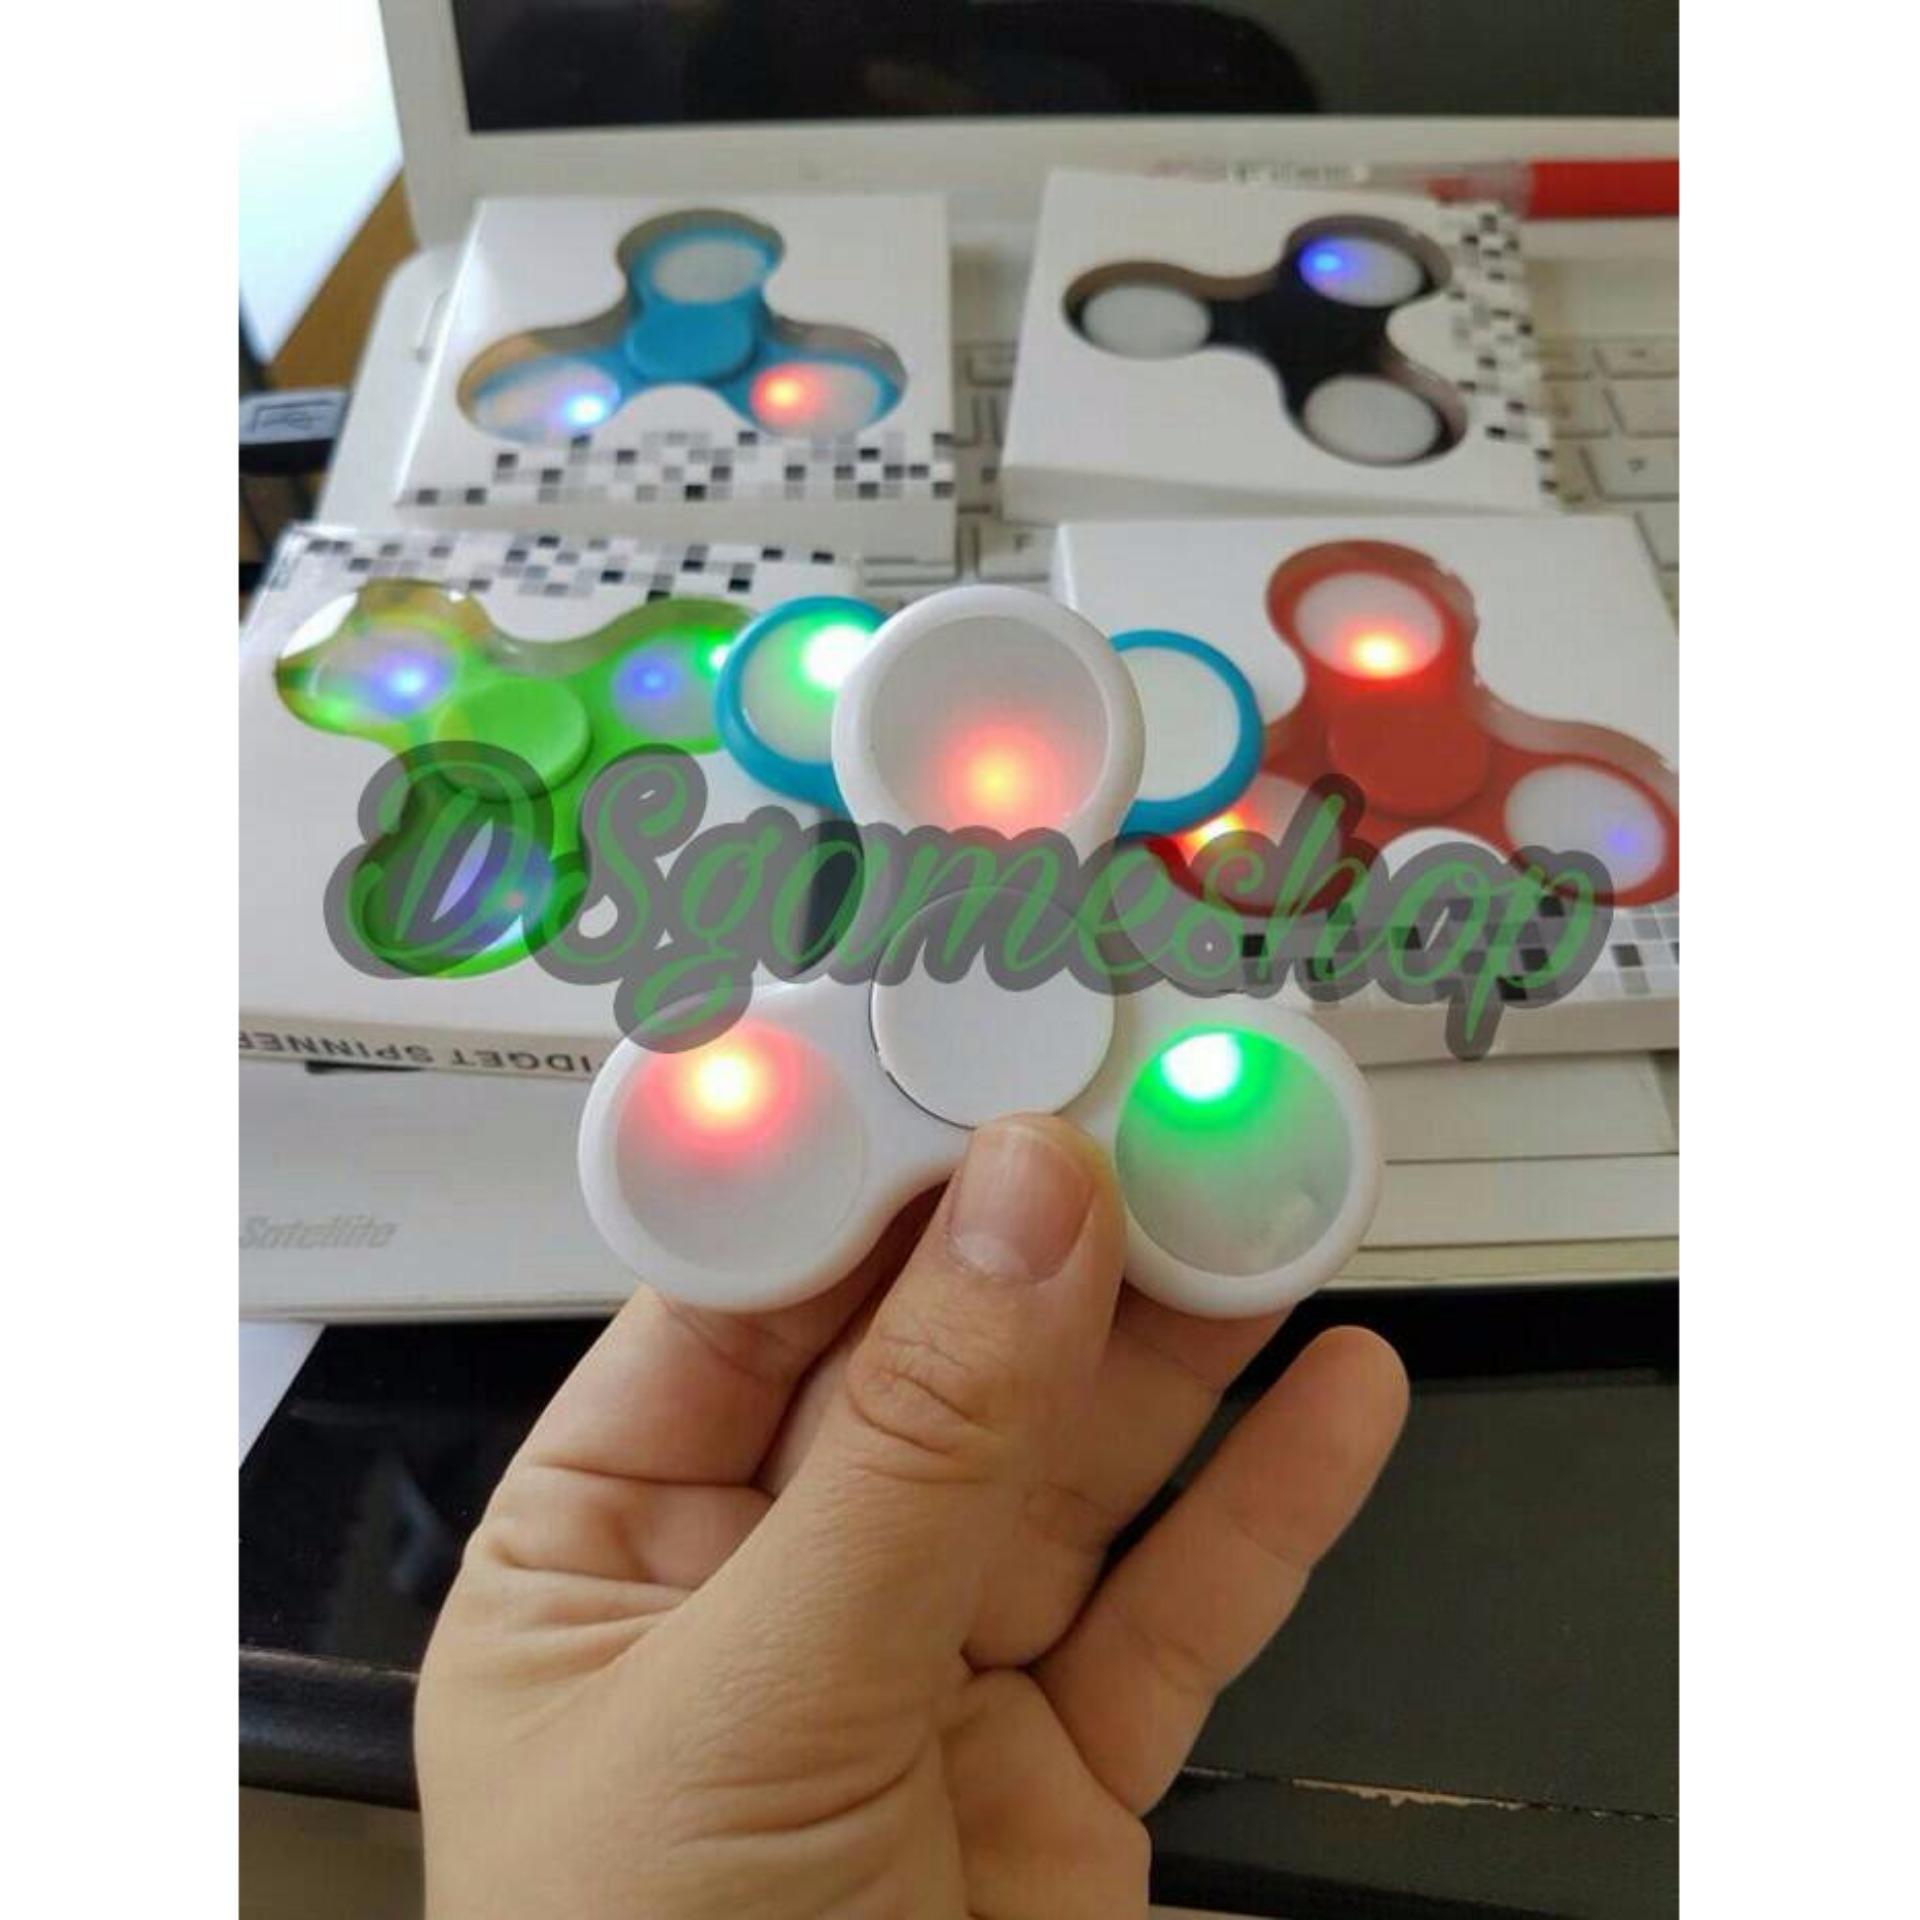 Harga Termurah Barang Import Fidget Spinner Led Tombol On Off Spiner Nyala Lampu Bisa Diatur